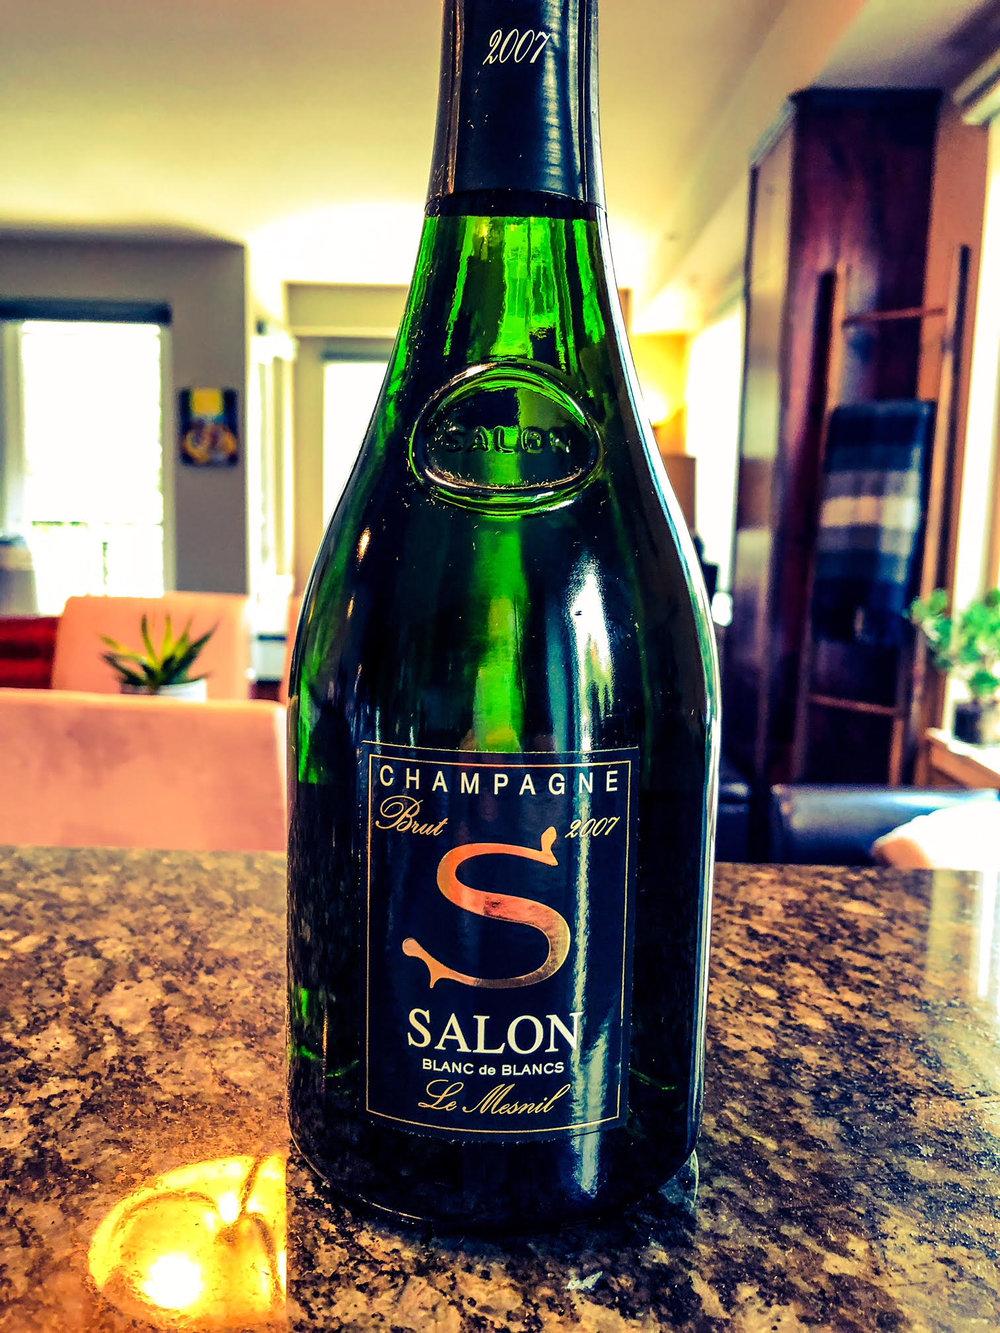 Salon and Delamotte on Washington Wine Blog